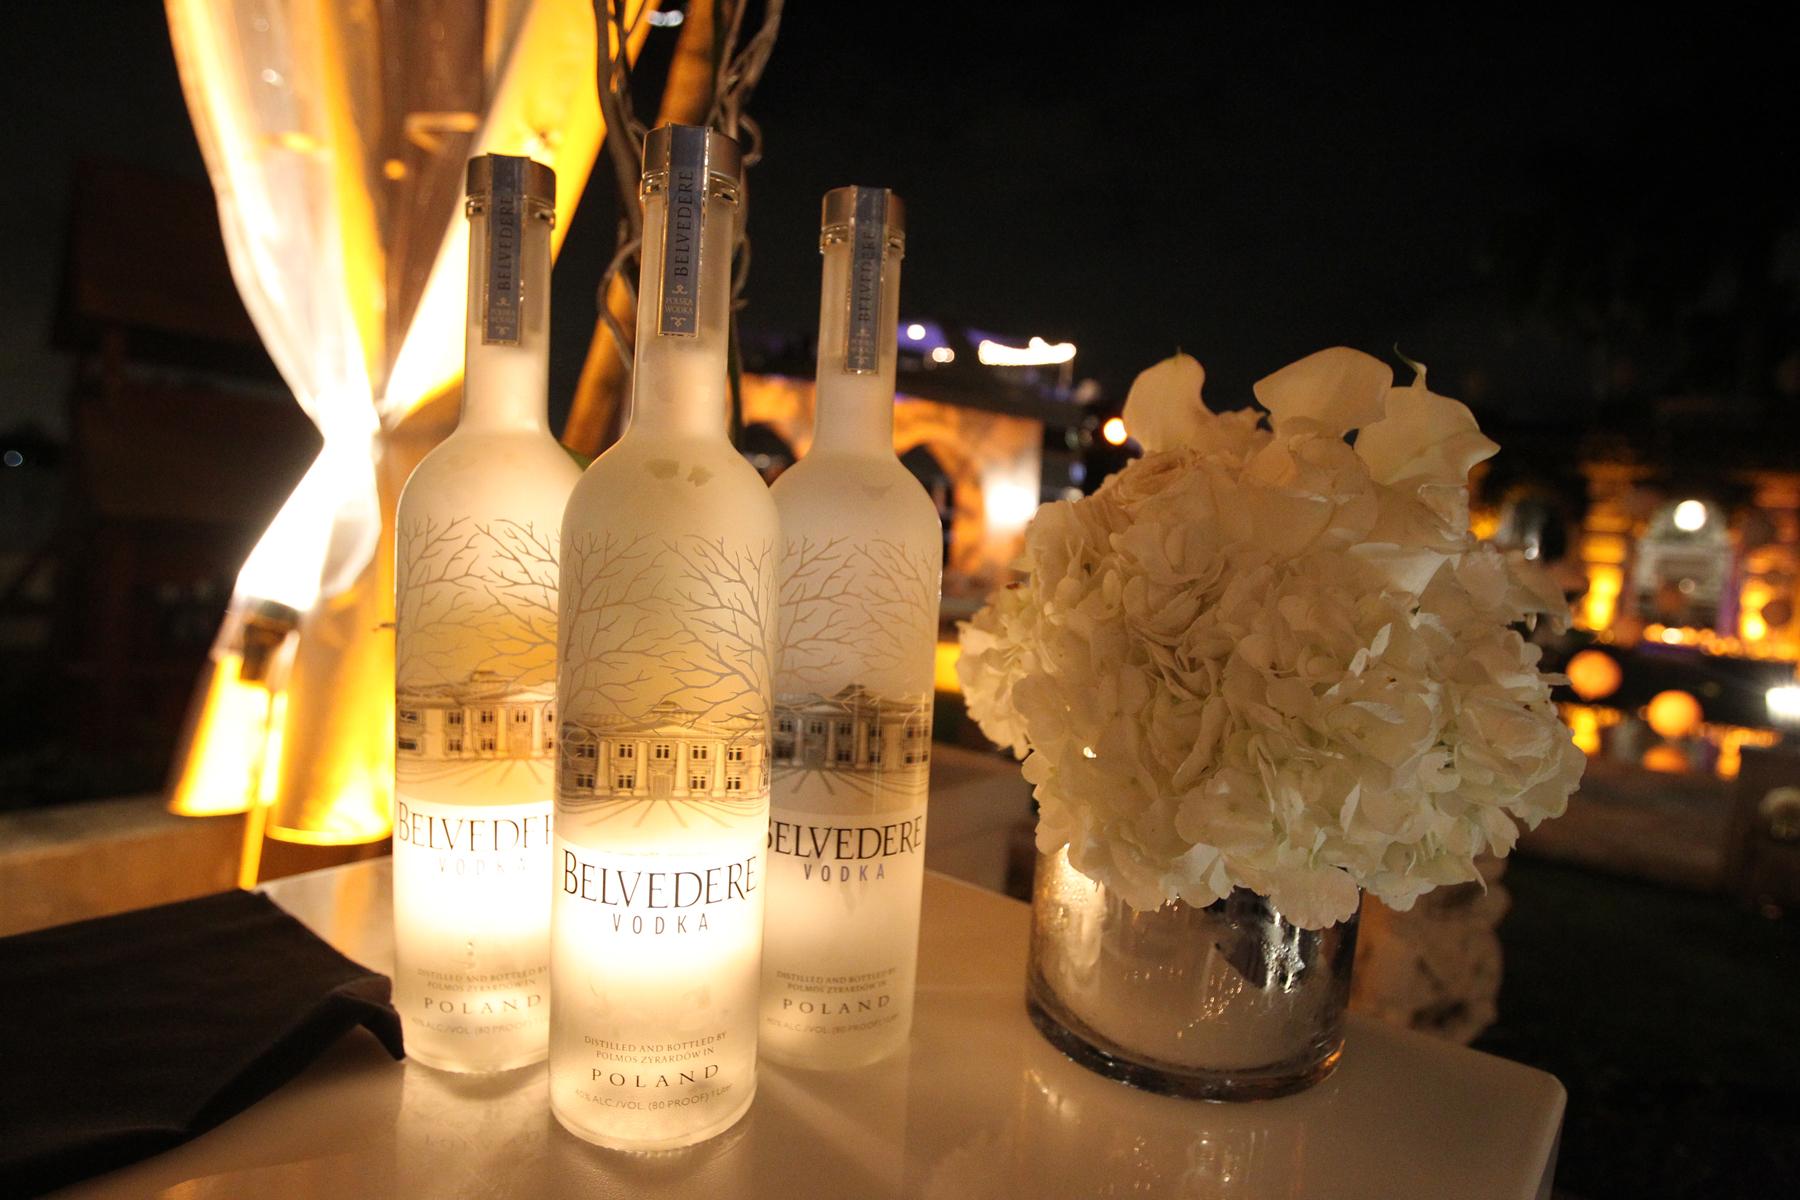 belvedere-vodka-dom-perignon-11